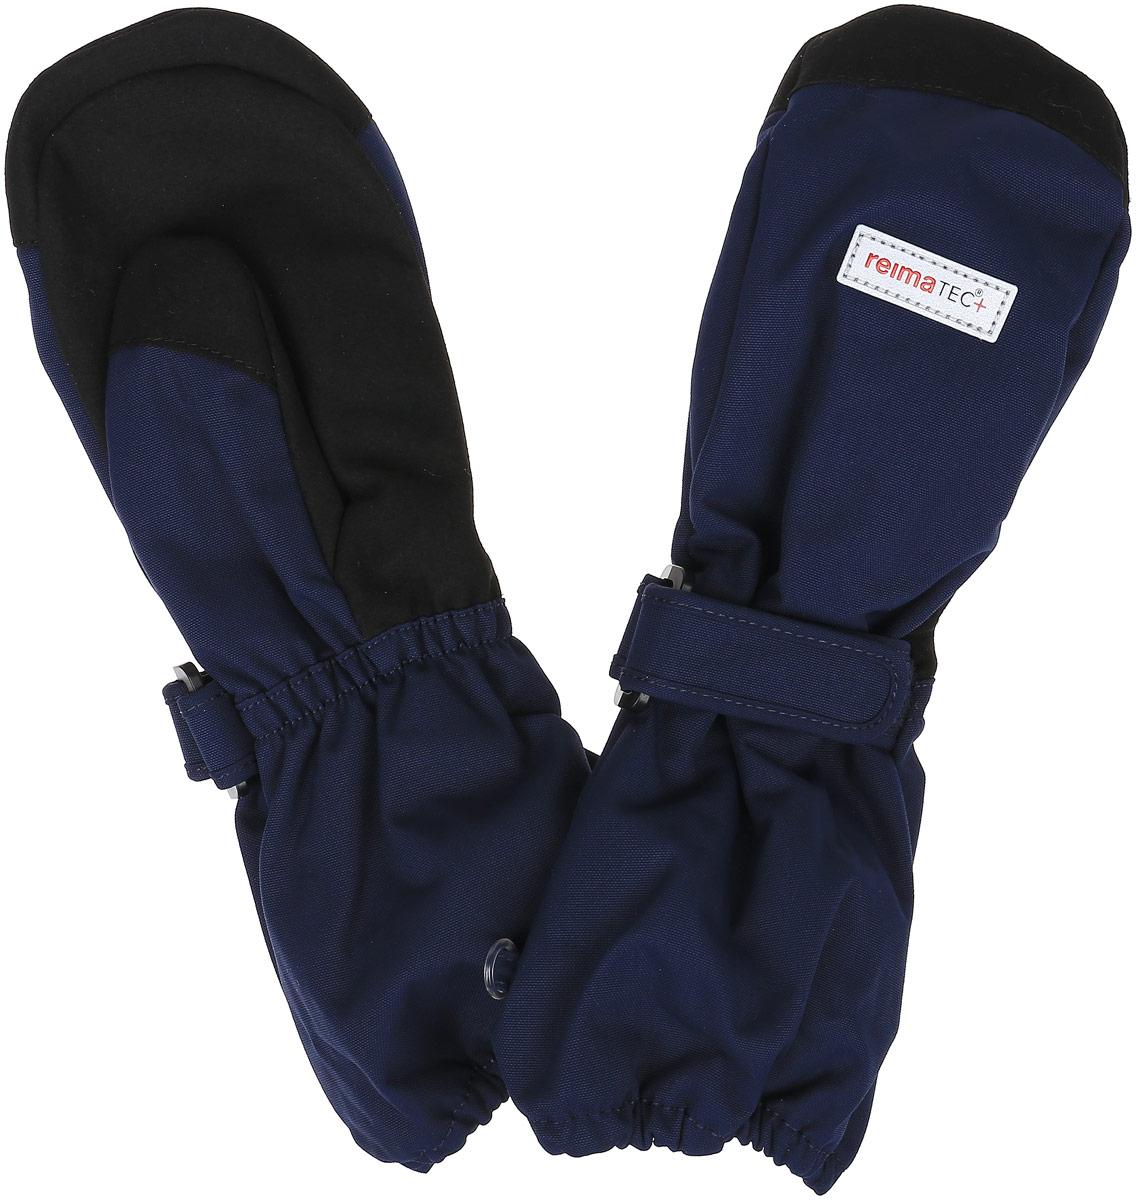 Варежки детские527250-4900Детские варежки Reima Reimatec+ Ote станут идеальным вариантом для холодной зимней погоды. На подкладке используется высококачественный полиэстер, который хорошо удерживает тепло. Для большего удобства на запястьях варежки дополнены хлястиками на липучках с внешней стороны, а на ладошках - усиленными вставками. С внешней стороны изделие оформлено нашивками со светоотражающим логотипом бренда. Высокая степень утепления. Варежки станут идеальным вариантом для прохладной погоды, в них ребенку будет тепло и комфортно.